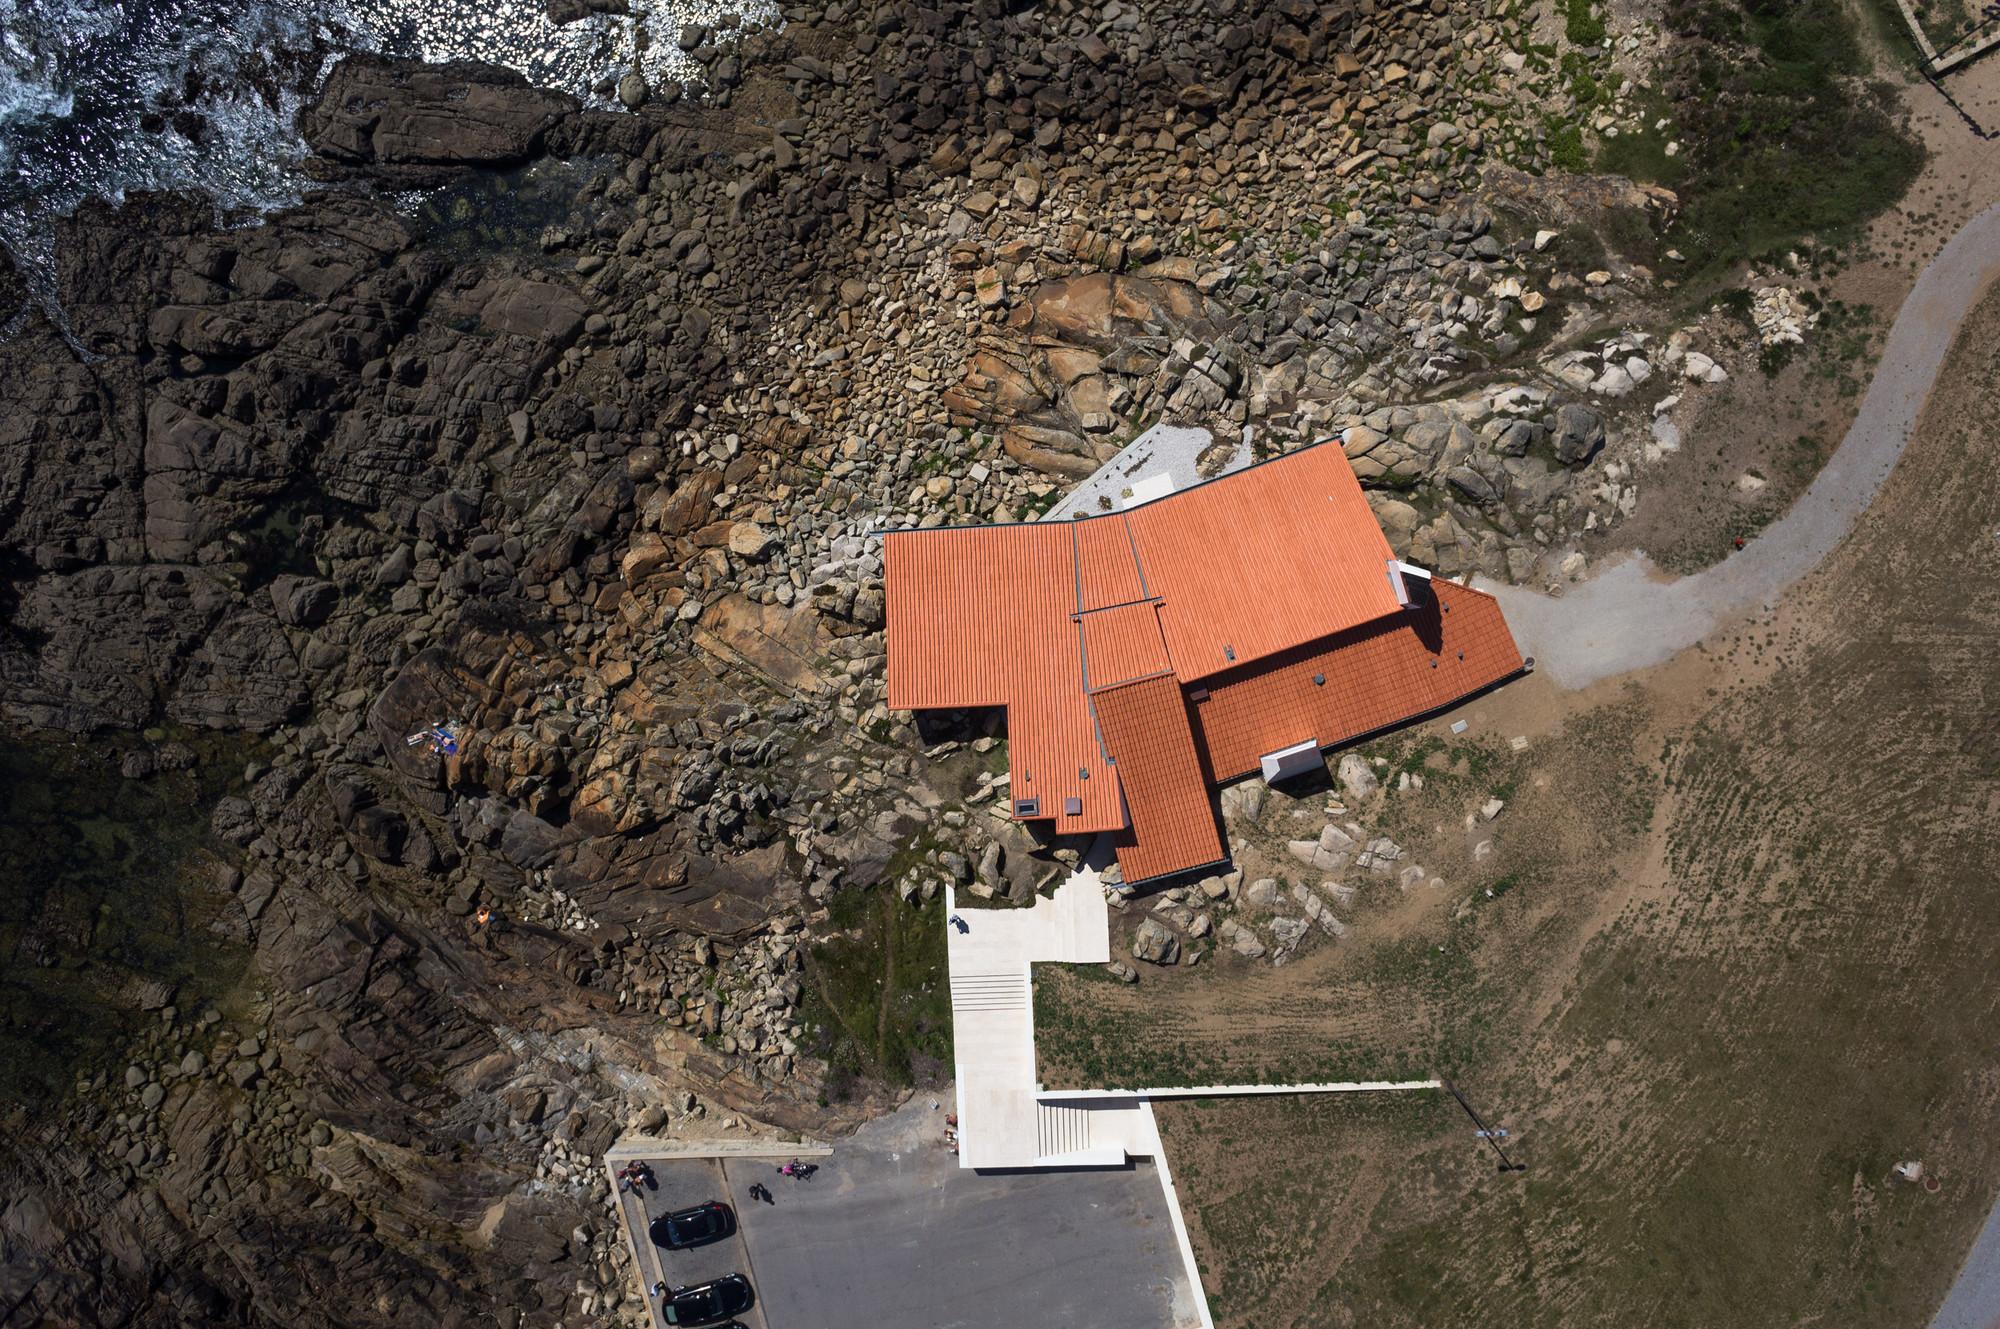 The Power Of The Plan: Drones And Architectural Photography, Boa Nova Teahouse / Álvaro Siza Vieira. Image © Joao Morgado